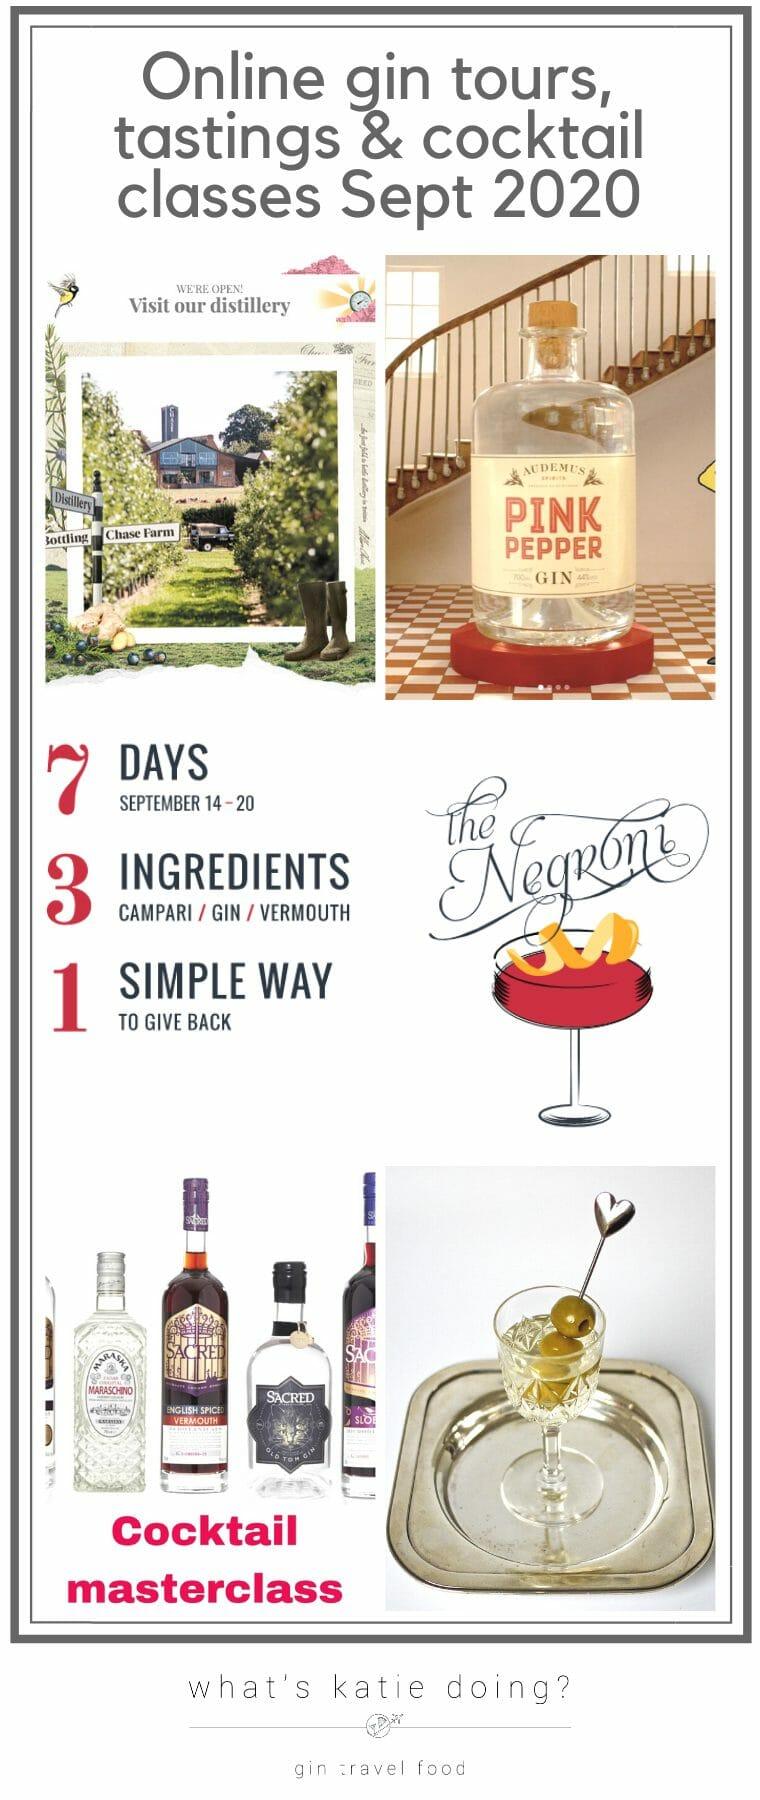 Online gin tours, tastings & cocktail classes September 2020